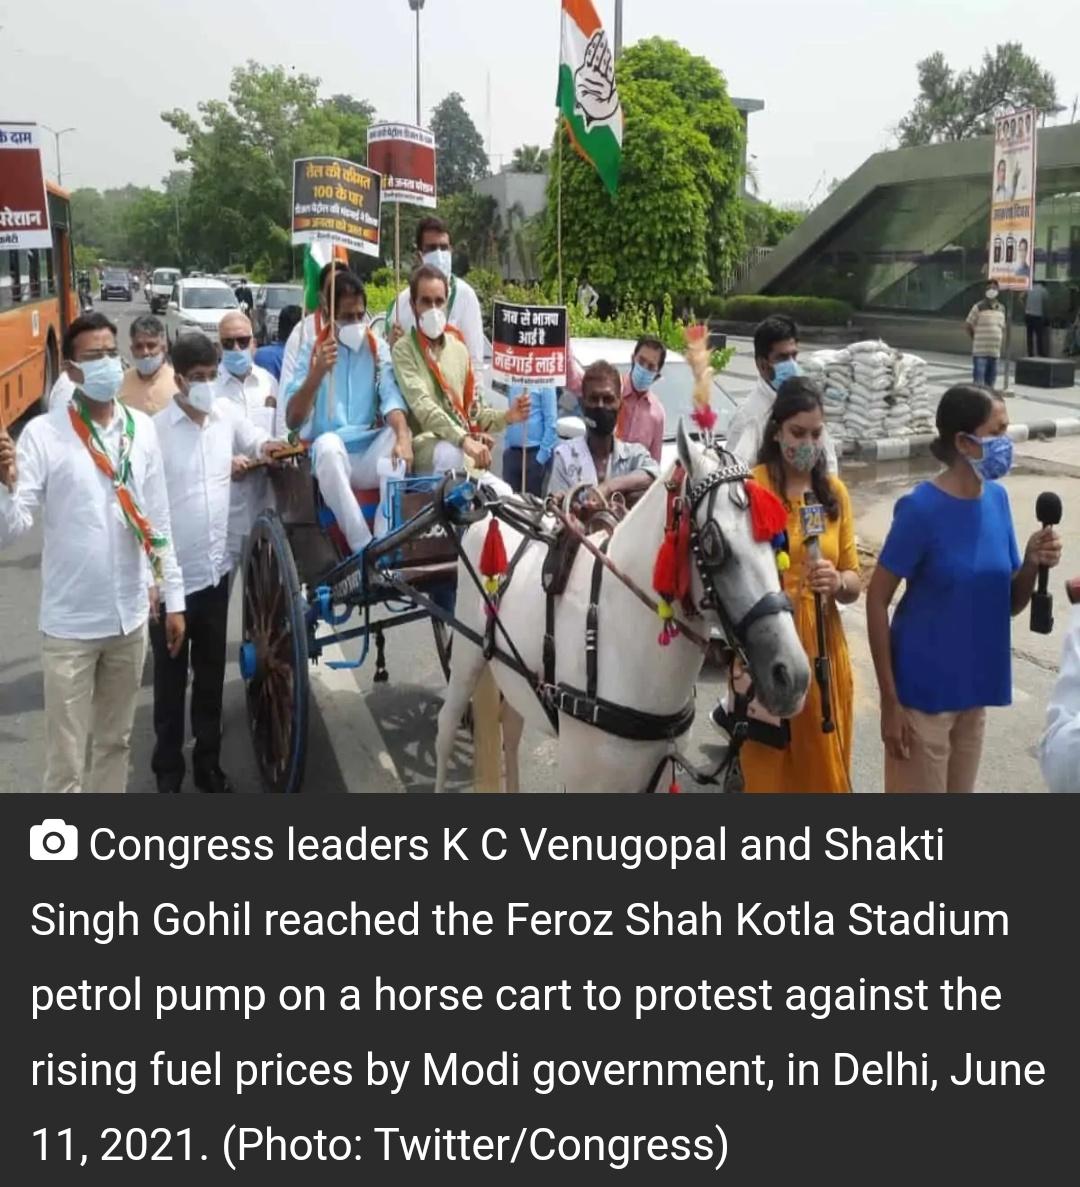 ईंधन की कीमतों में बढ़ोतरी के खिलाफ़ कांग्रेस का प्रदर्शन, 30 से ज्यादा हिरासत में लिए गए! 7